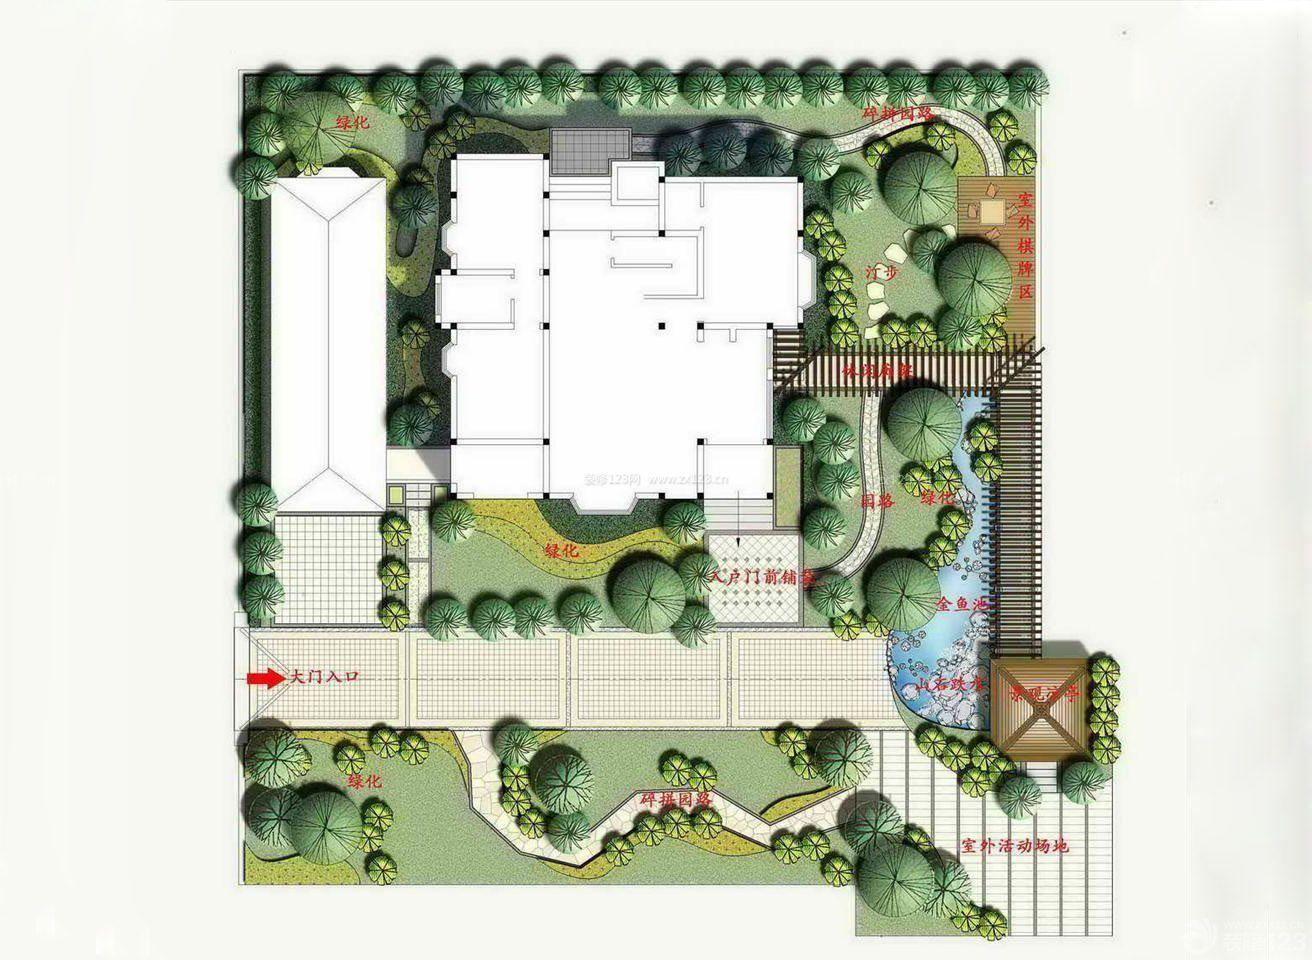 花园别墅出售v花园平面图张家港有布置别墅凤凰图片